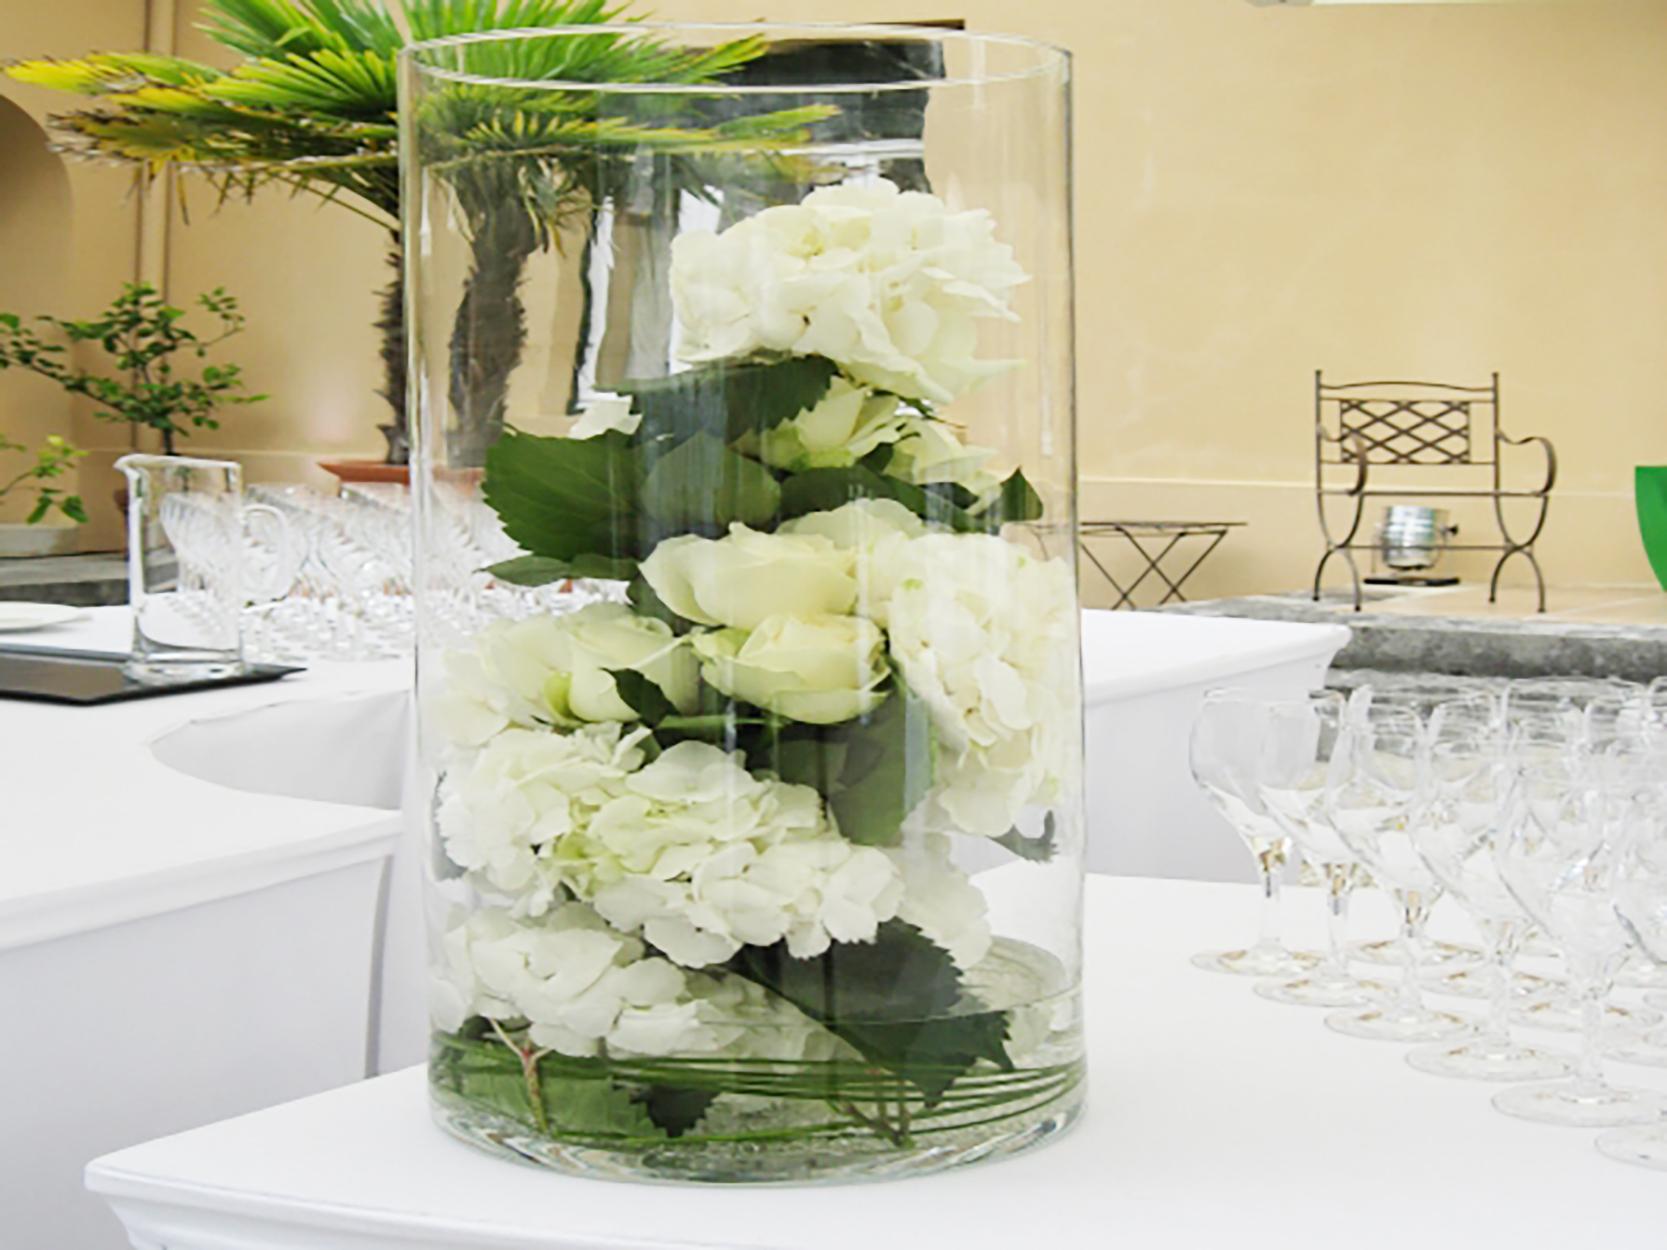 Une d coration florale pour un mariage la maison - Decoration florale maison ...